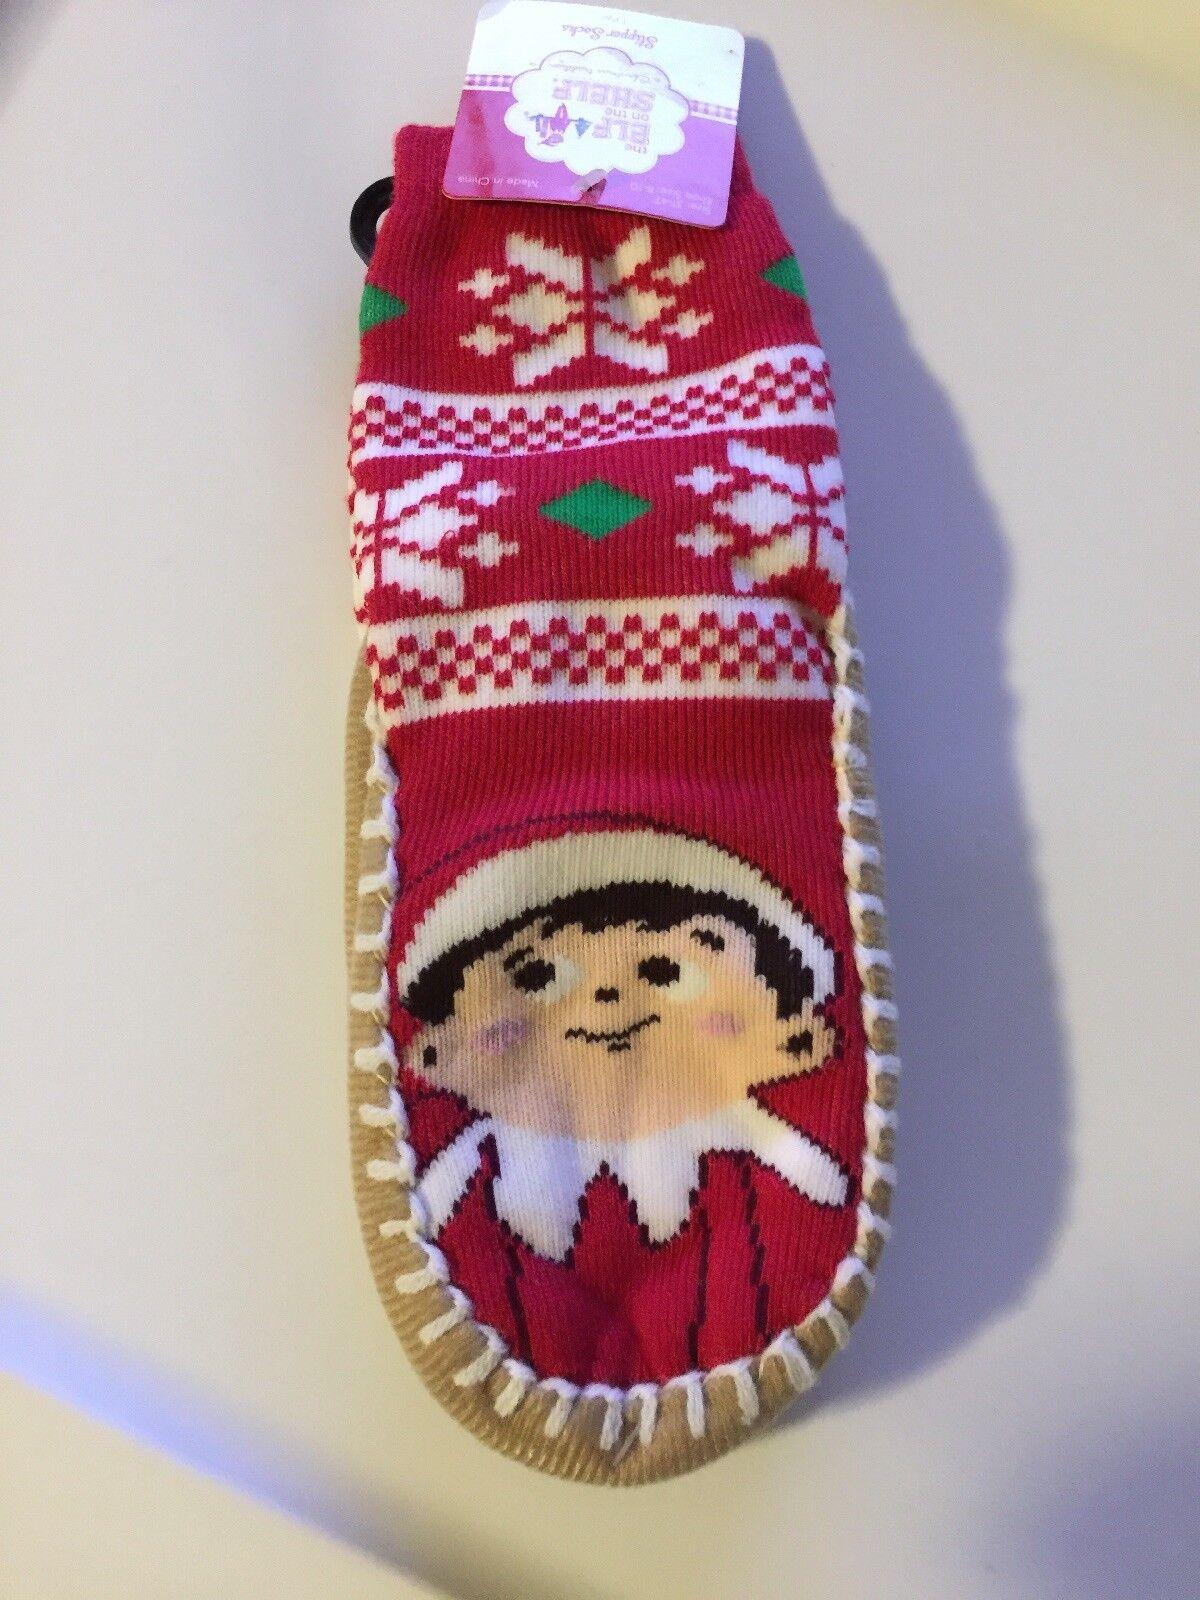 NWT Elf on the Shelf Christmas Red Slipper Socks  Toddler Boy or Girl 2T-3T Cute